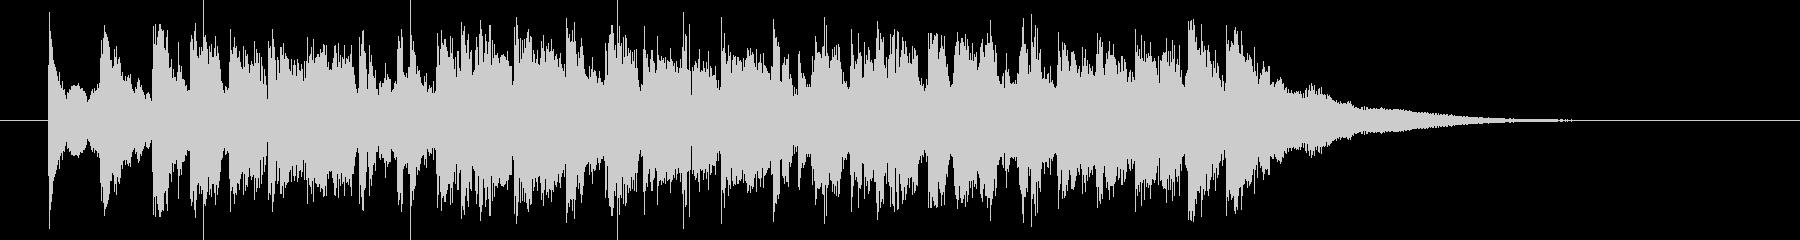 緩やかで煌きのあるシンセポップジングルの未再生の波形